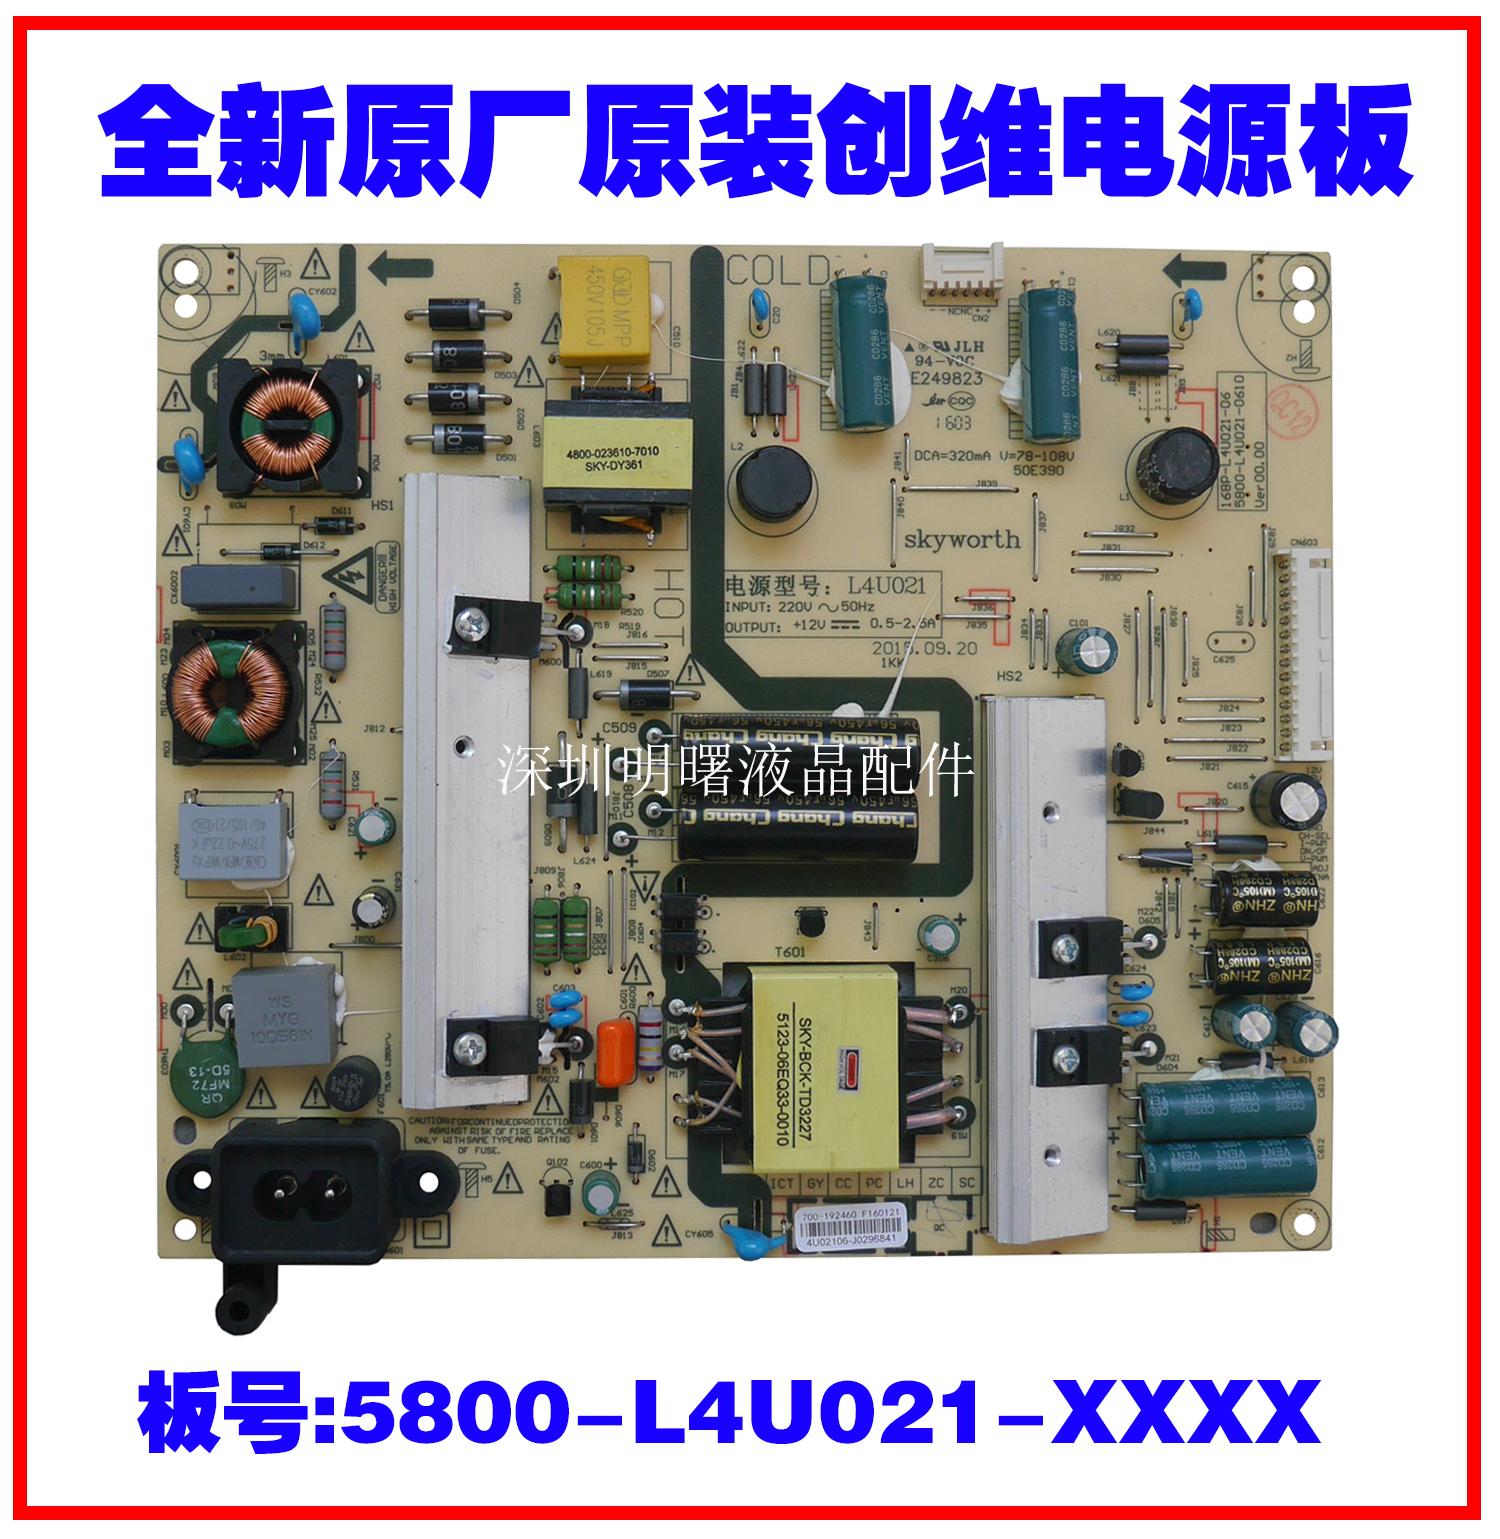 创维K50J 50E390E 168P-L4U021-06 5800-L4U021-0610/0600电源板